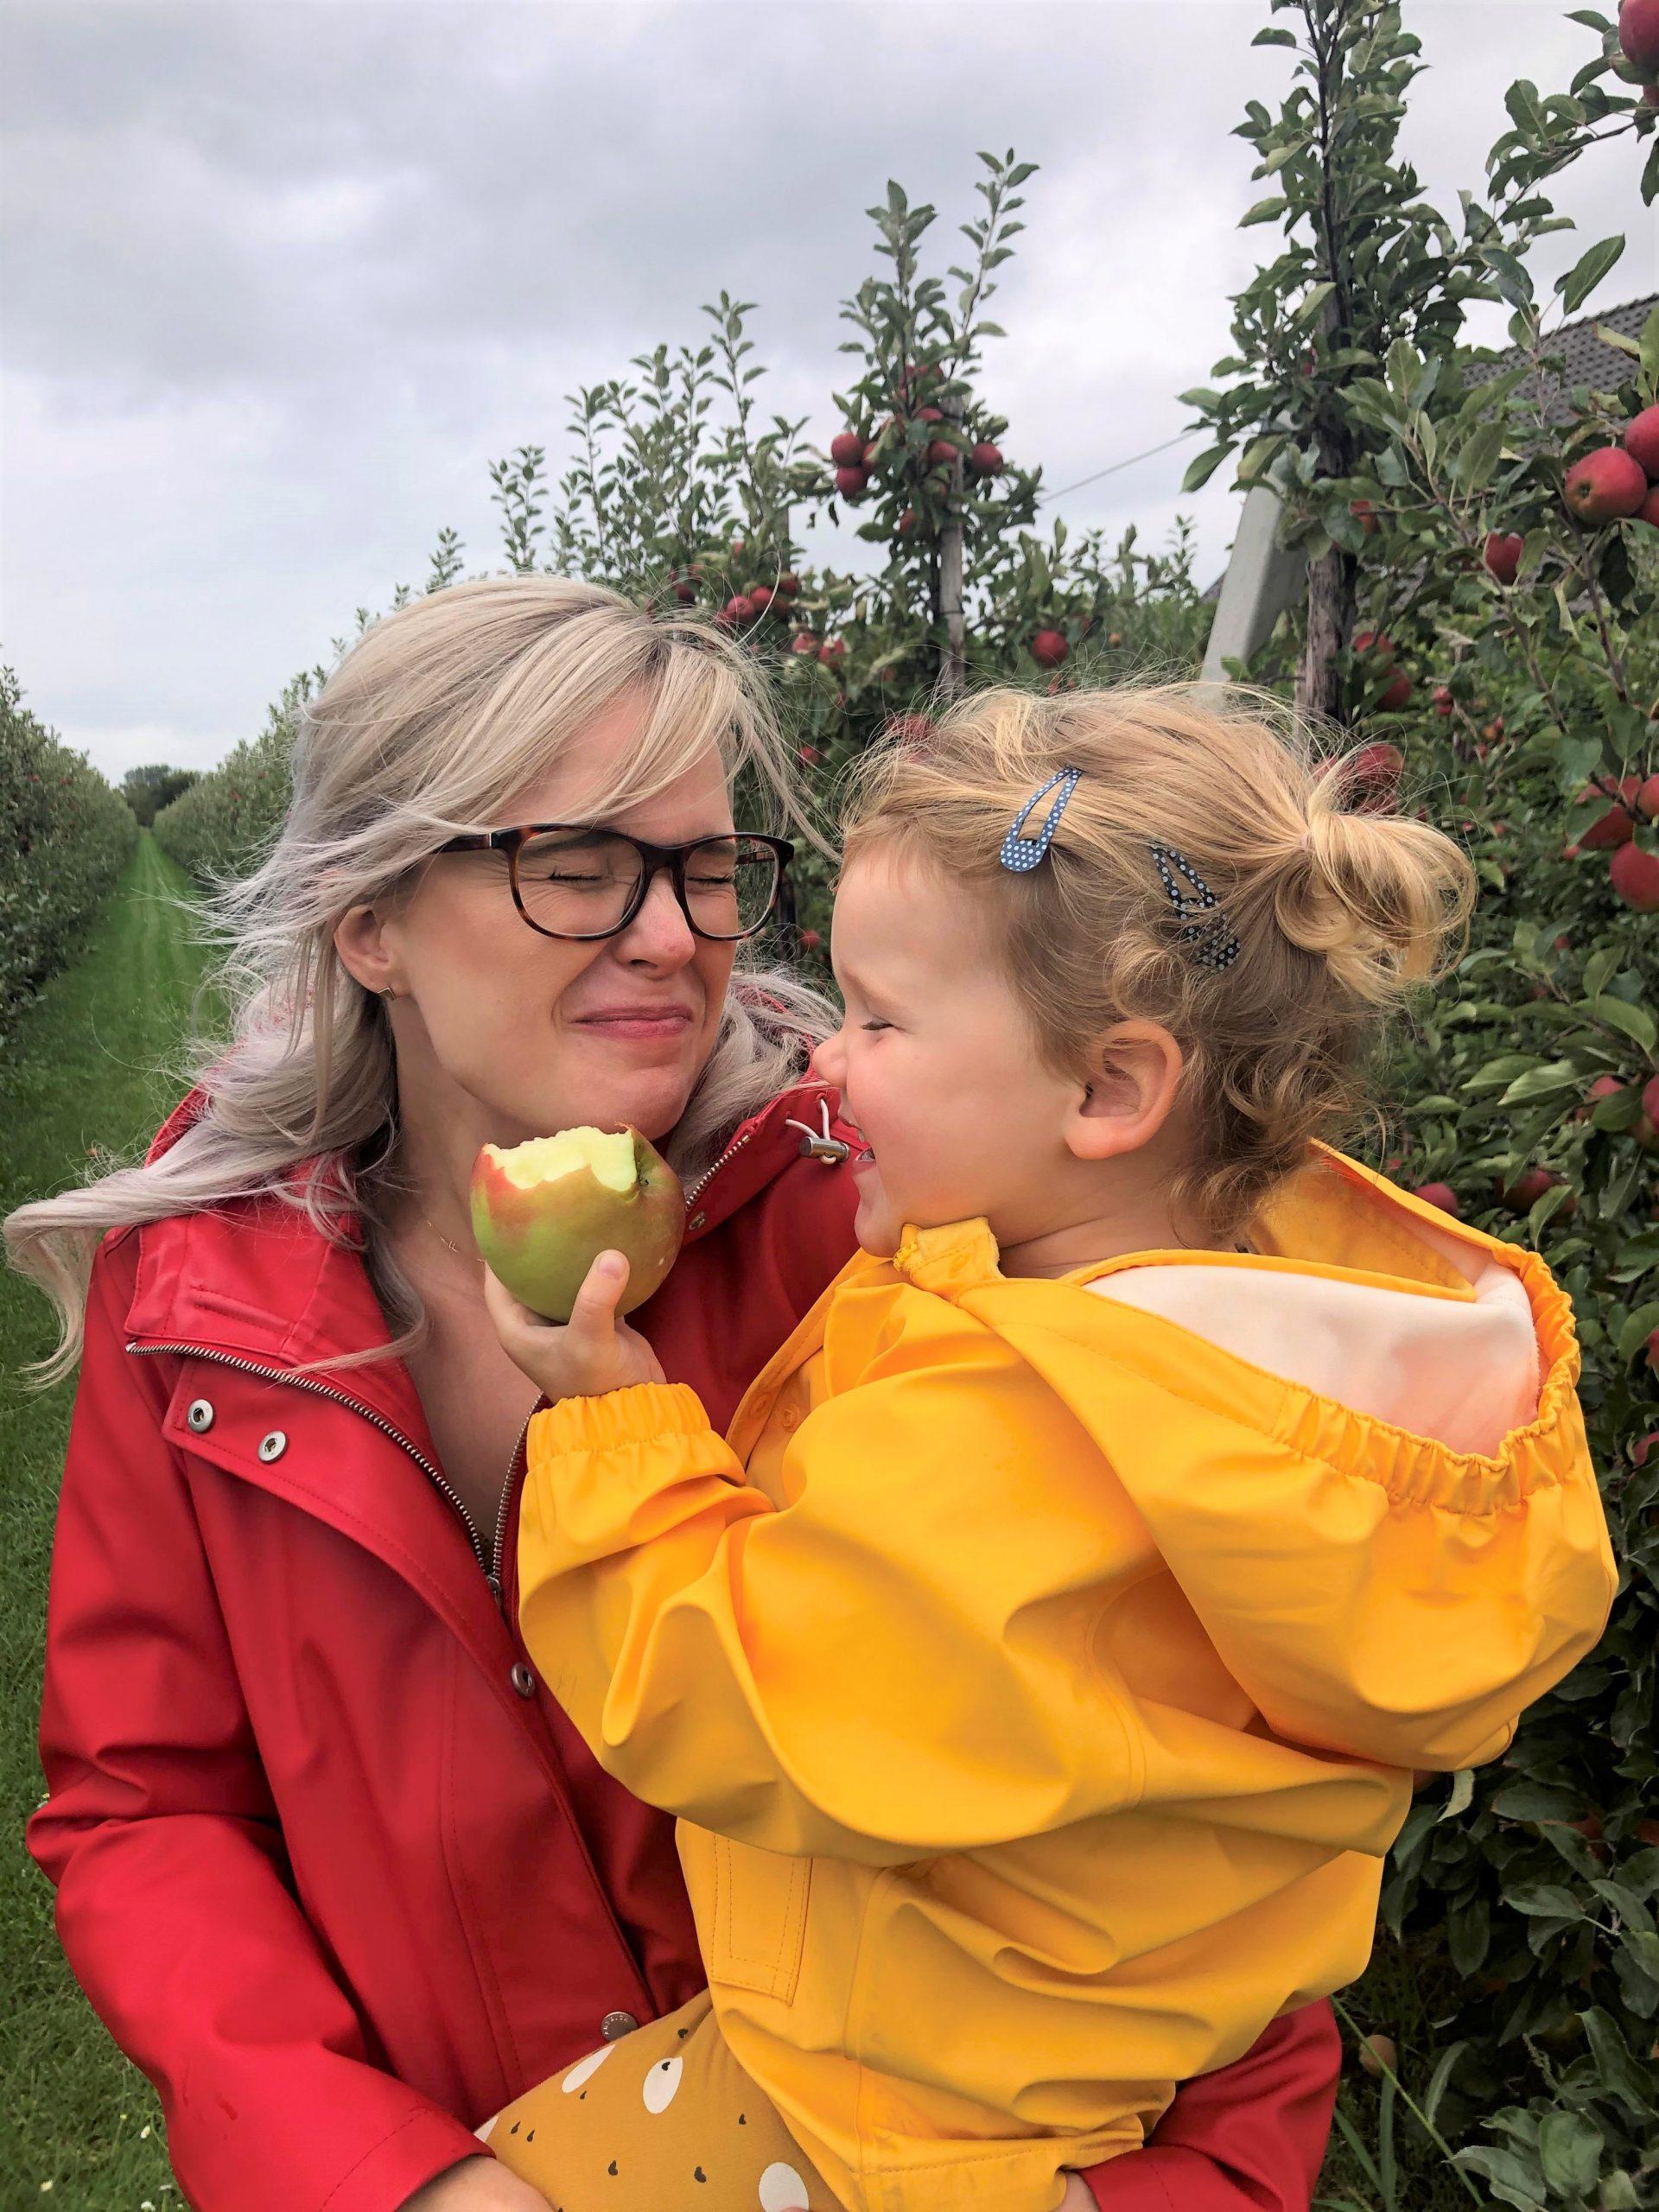 IMG 3982 3024x4032 1 scaled - PLOG - Met z'n viertjes naar de appelboomgaard en het Servero Food Lab!